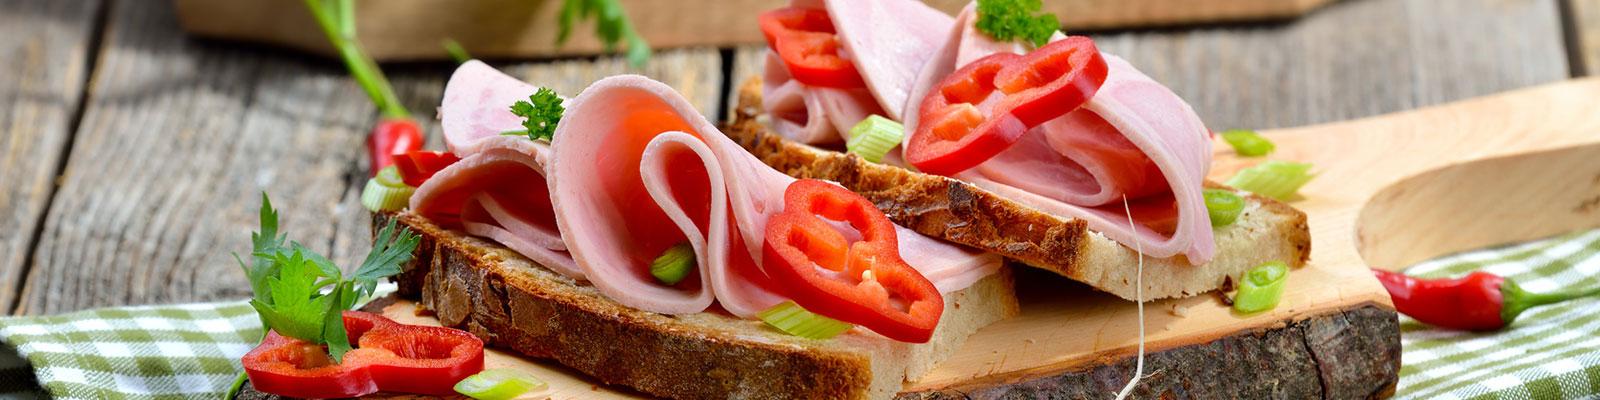 Sortiment: Brüh- und Frischwurst